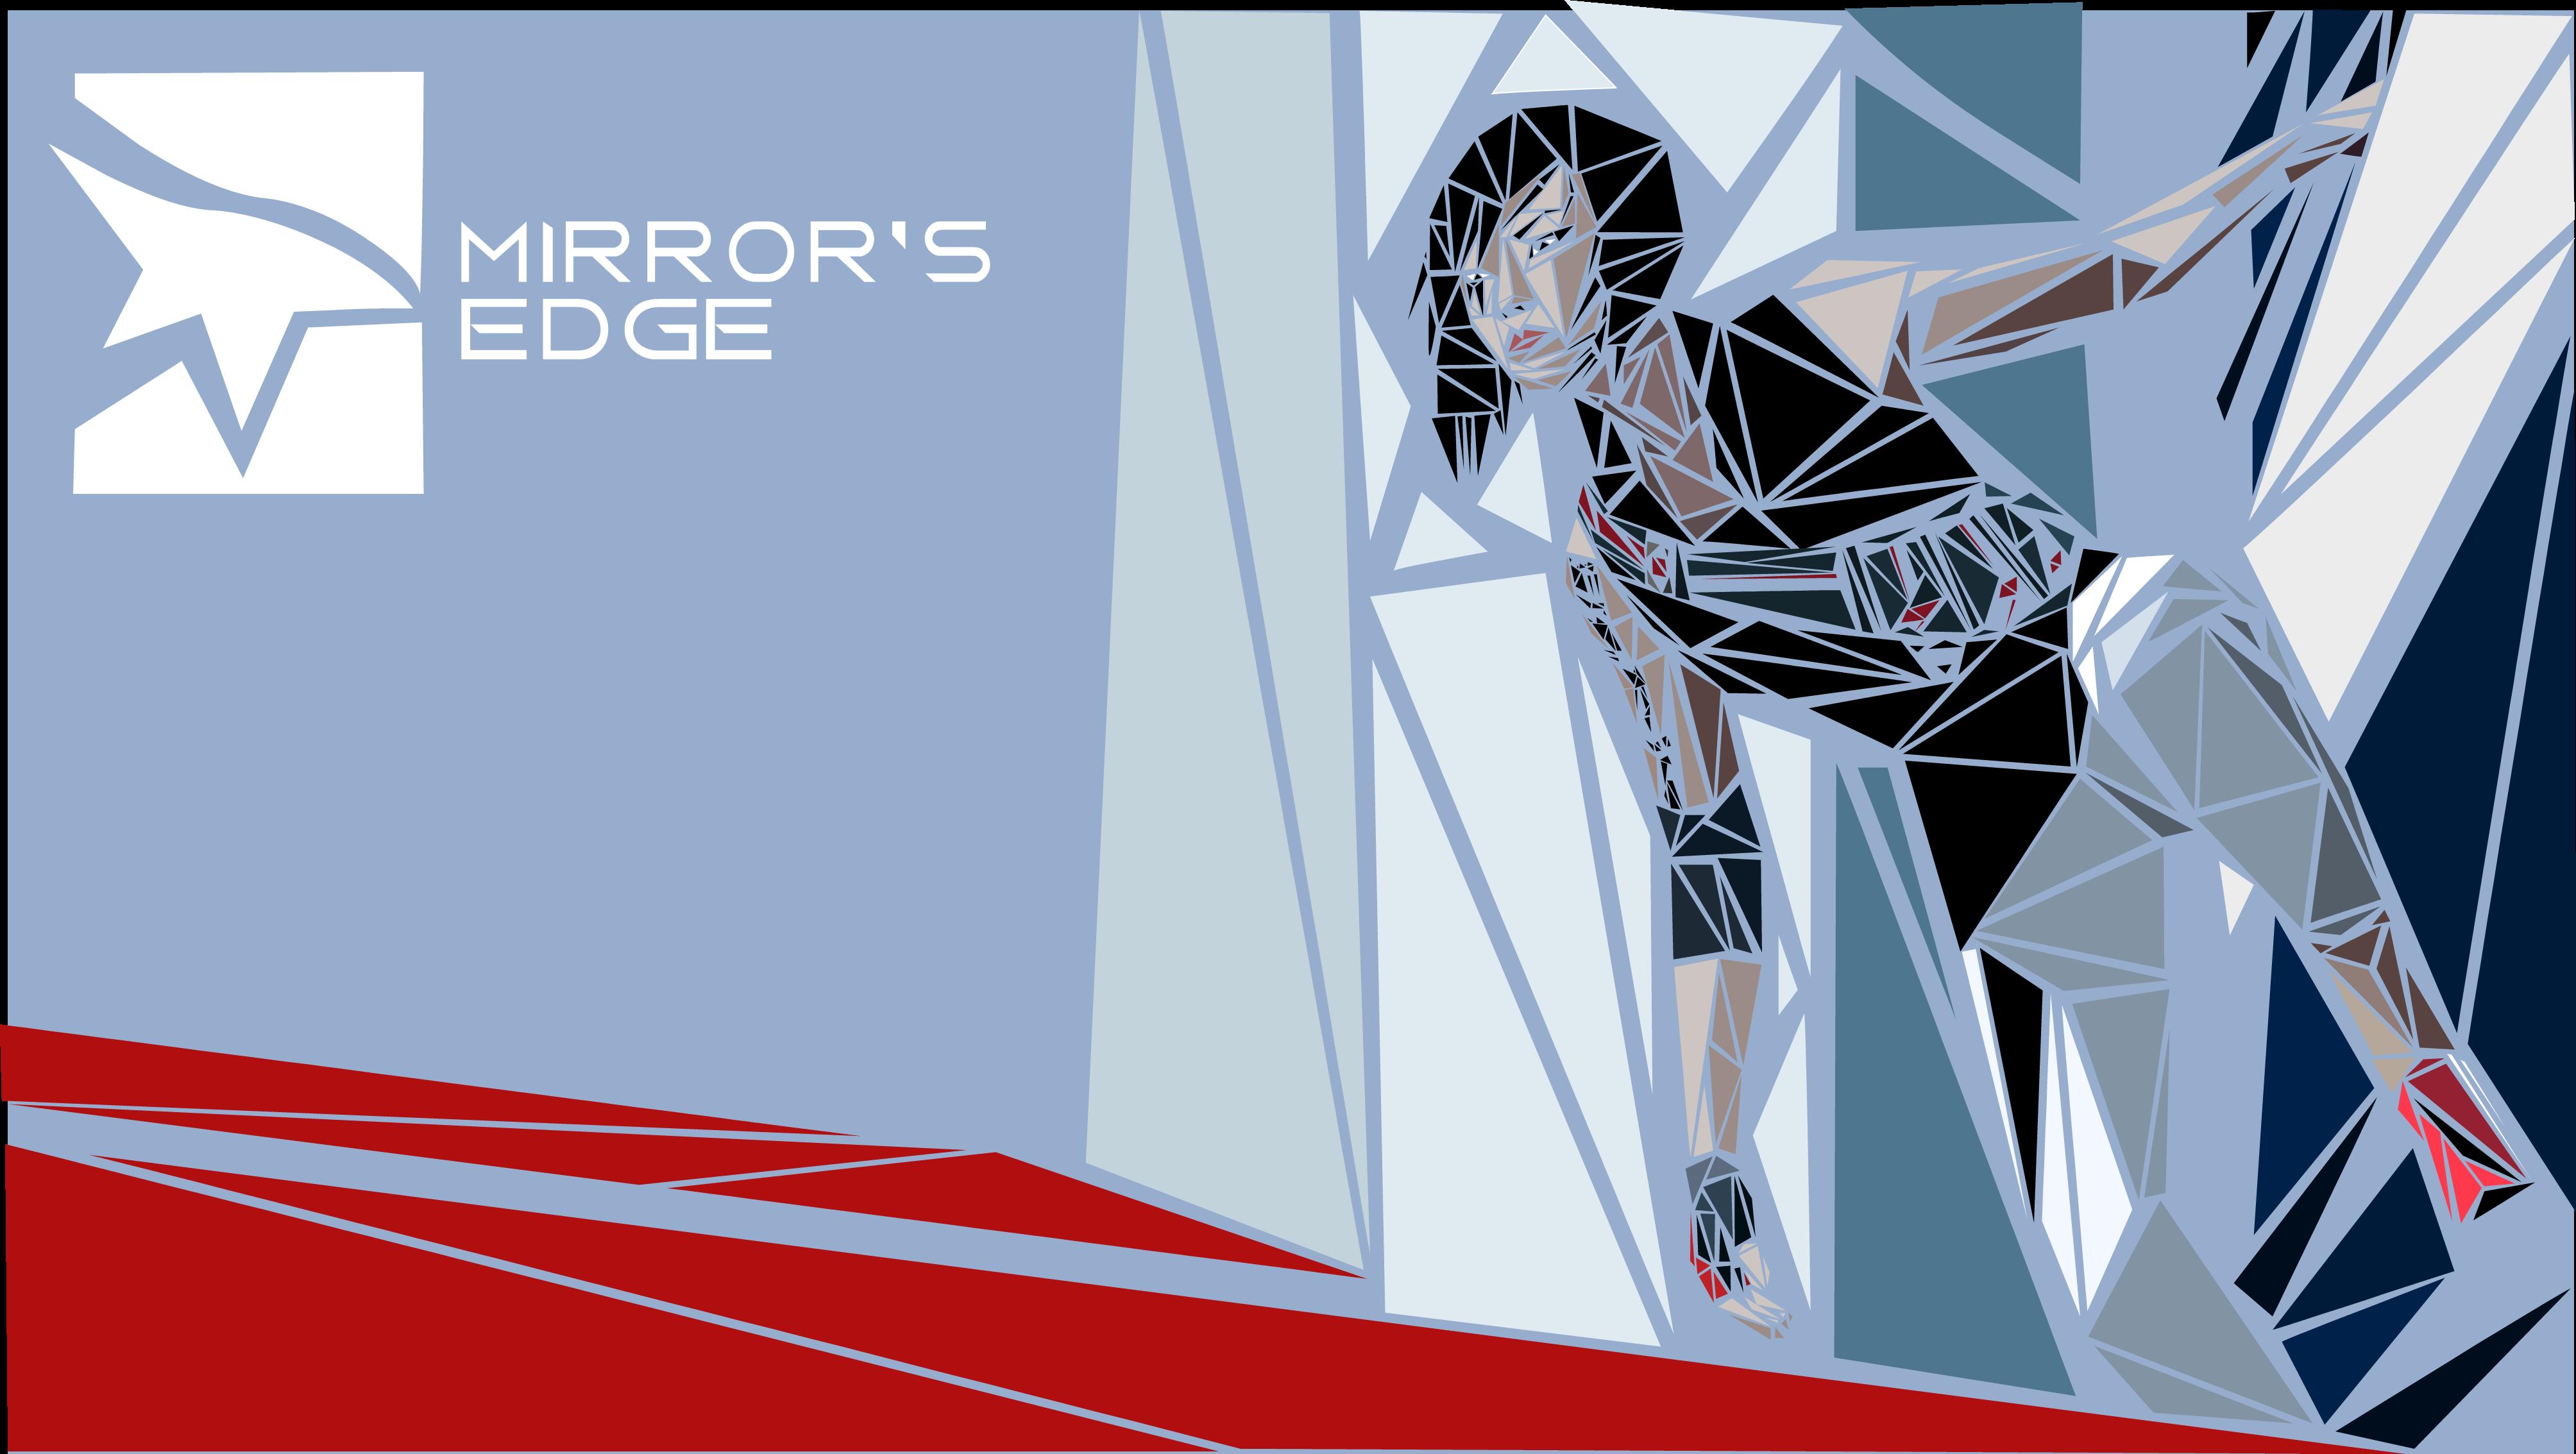 Mirror's Edge Mosaic Wallpaper